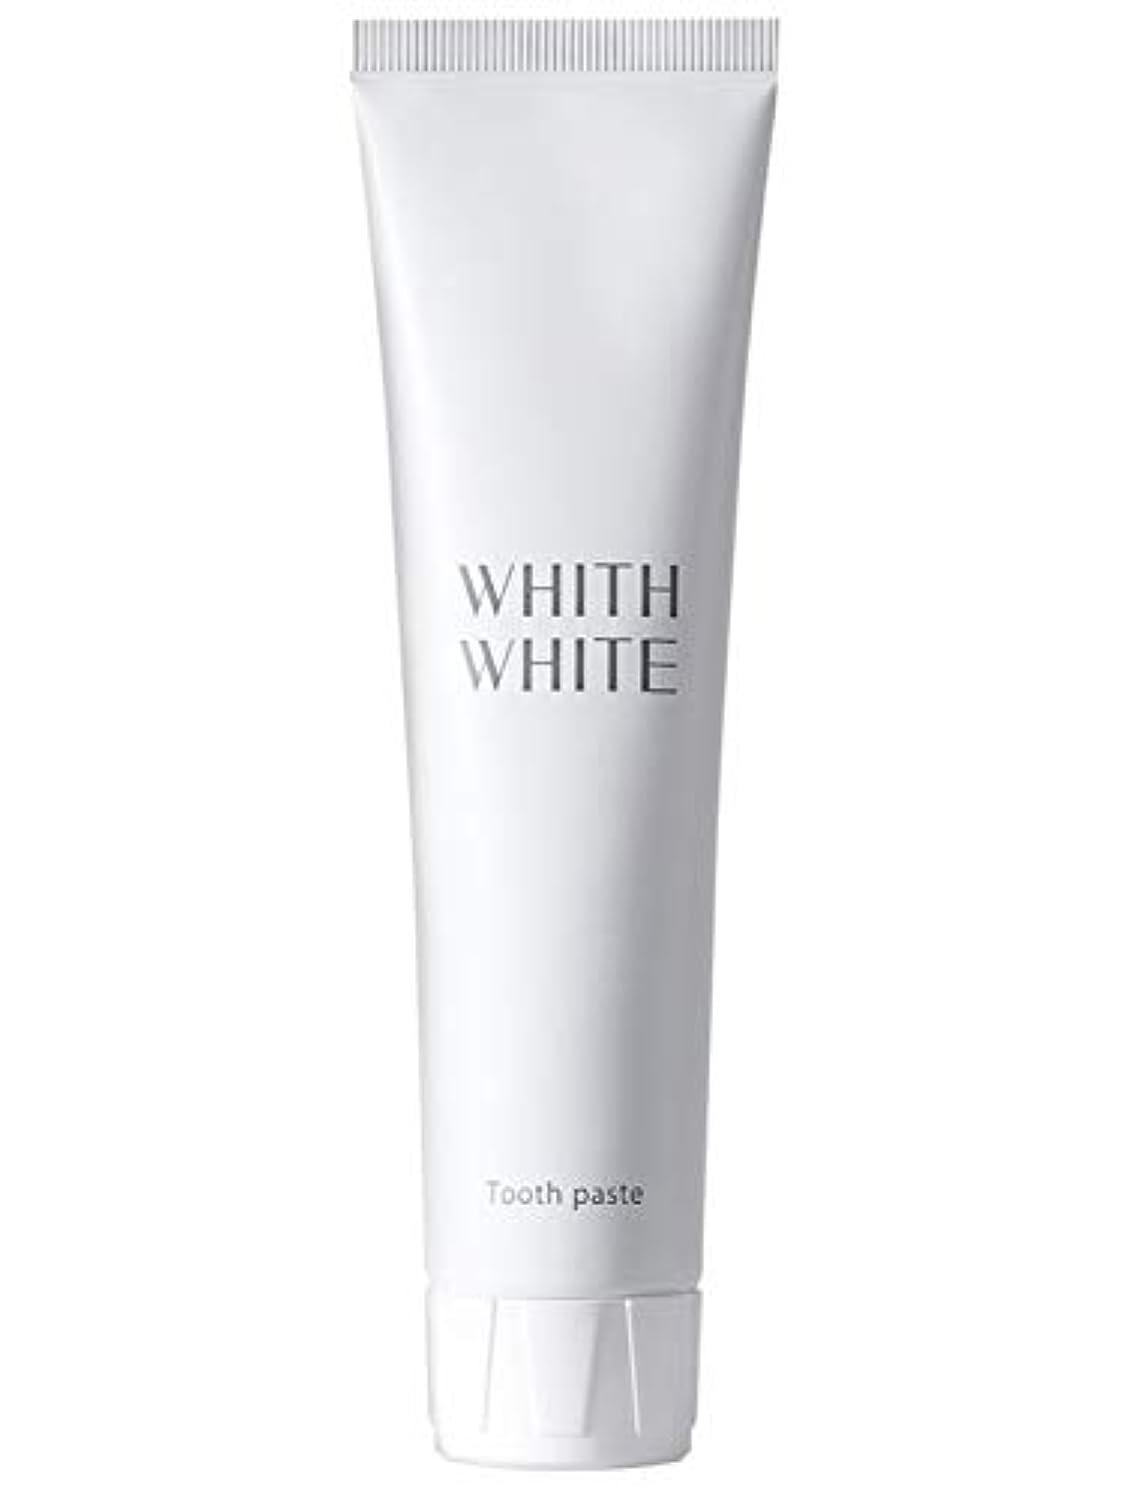 賢い主流見物人ホワイトニング 歯磨き粉 フィス ホワイト 医薬部外品 薬用 歯磨き 【 歯周病 口臭予防 フッ素 キシリトール 配合 】「 歯 を 白く する はみがき粉 」「 子供 にも使える 大人 こども 日本製 120g 」